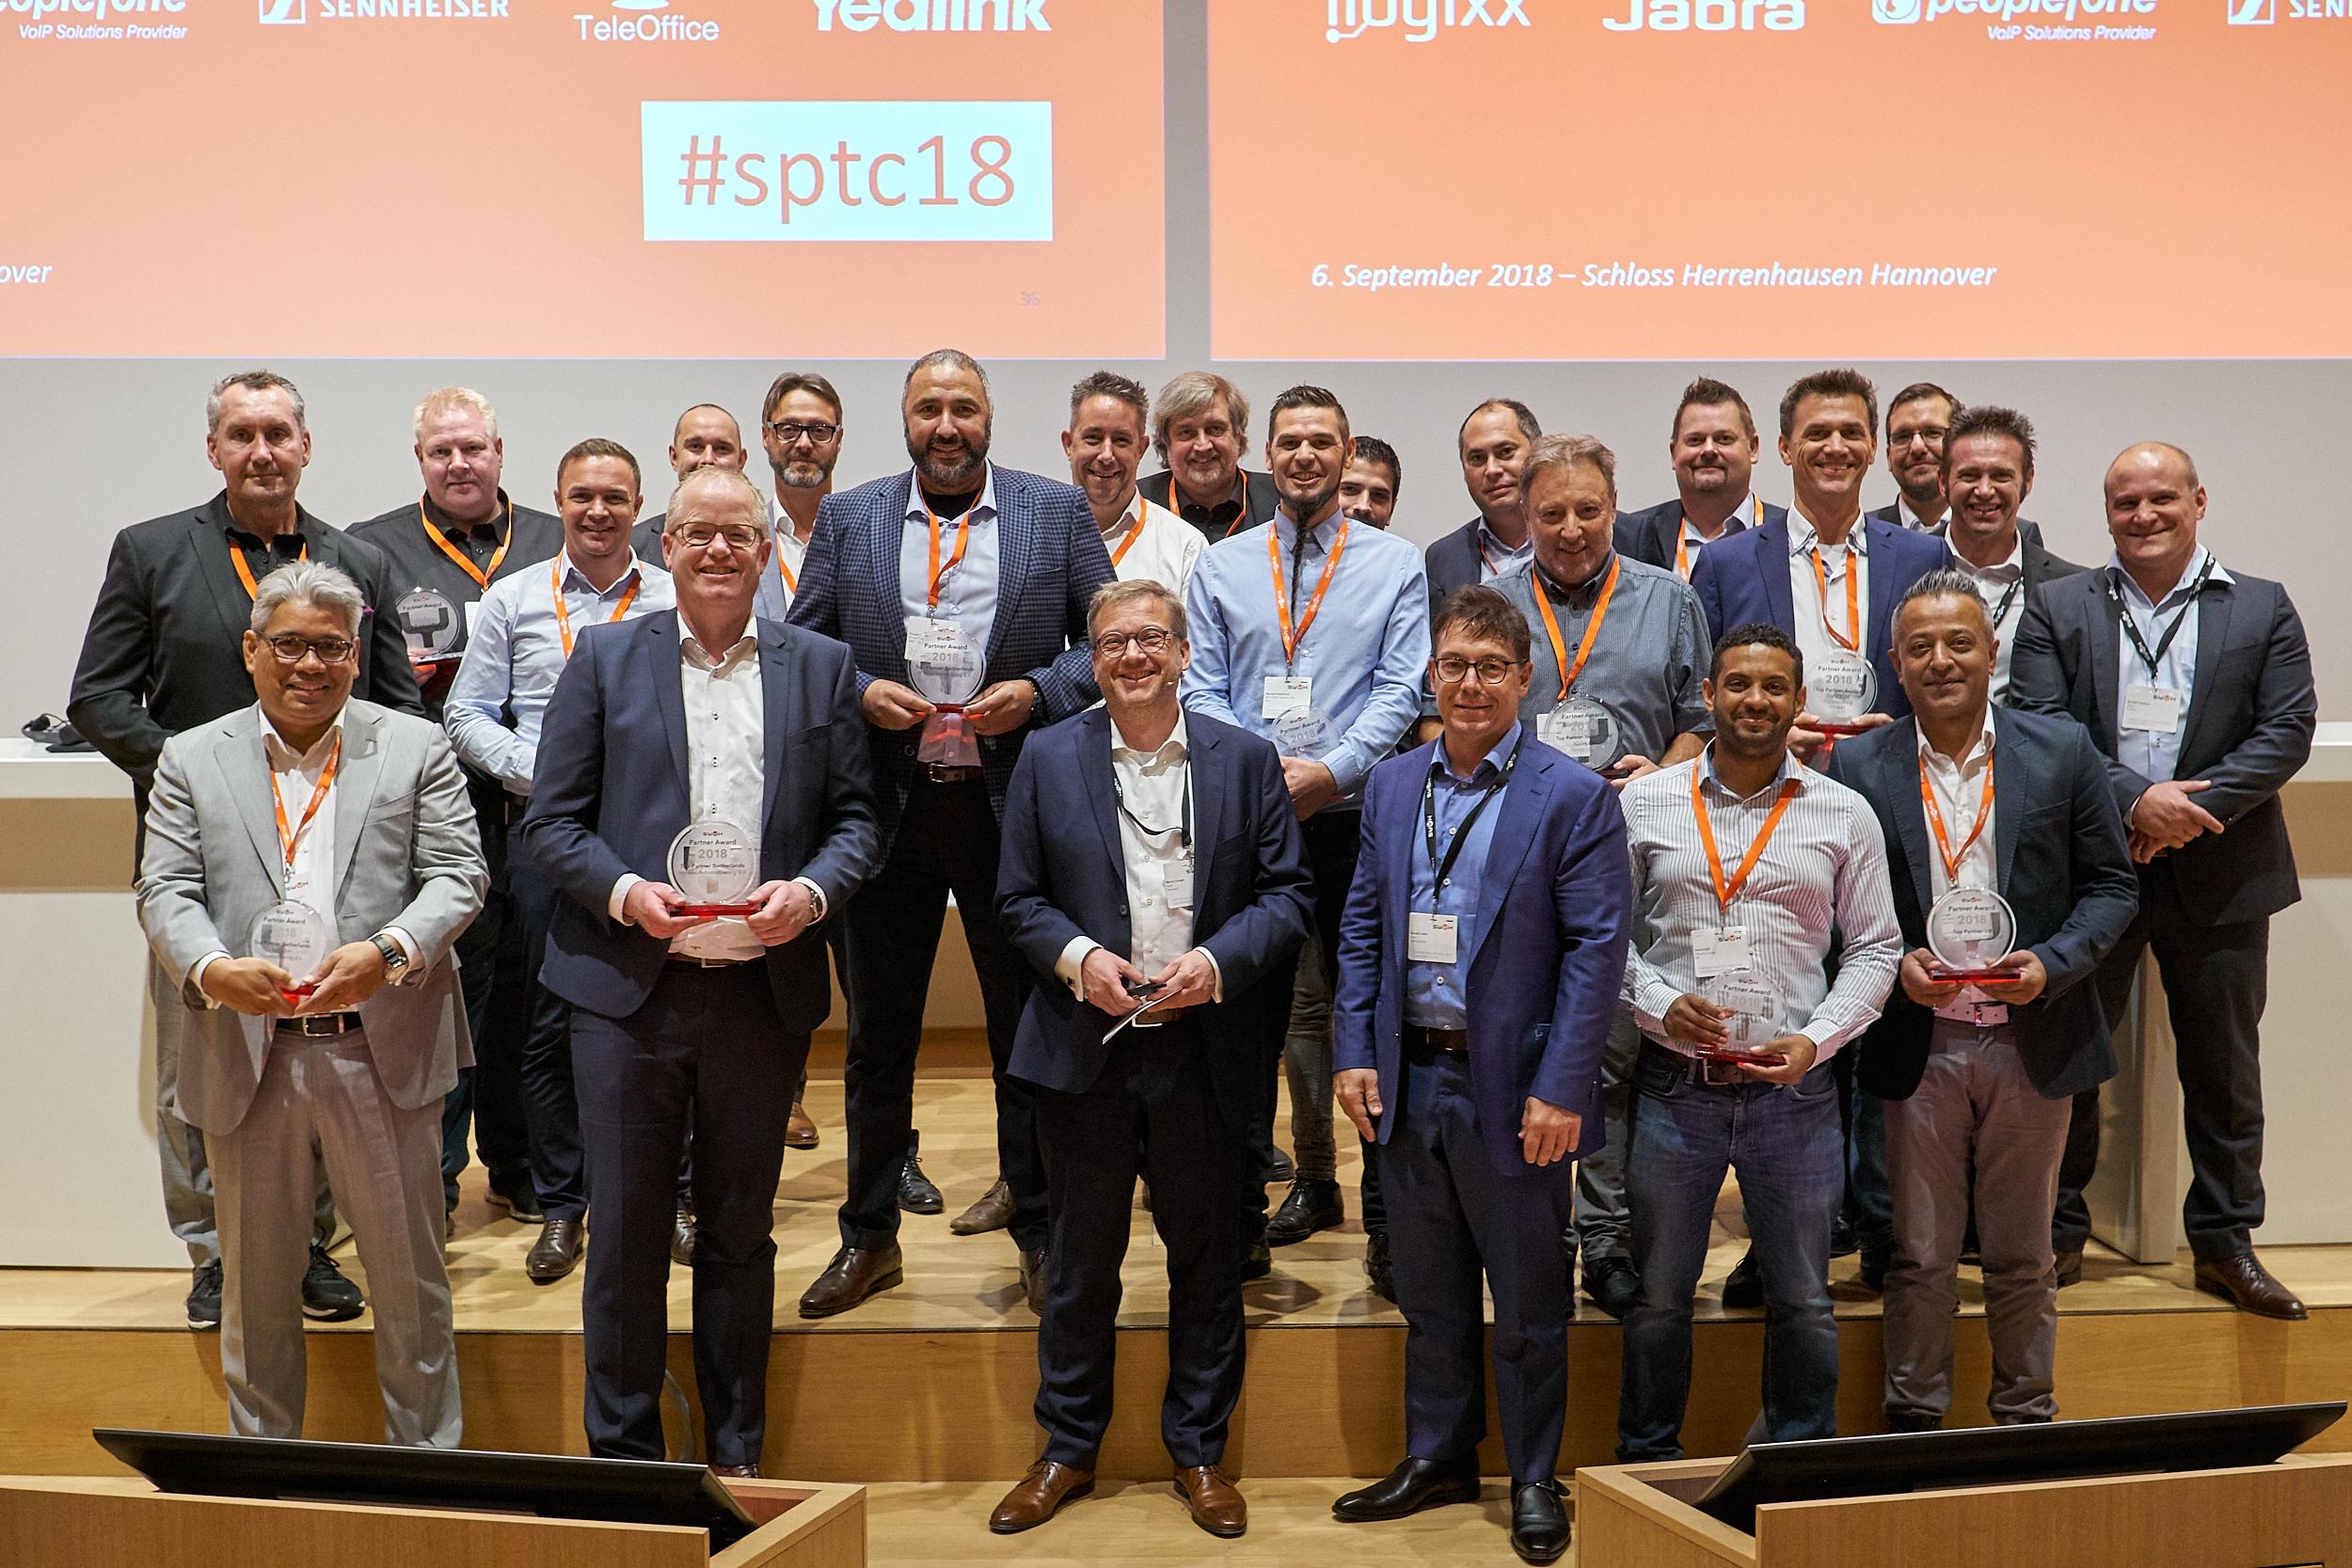 Swyx ehrte Partner auf Technologie-Konferenz